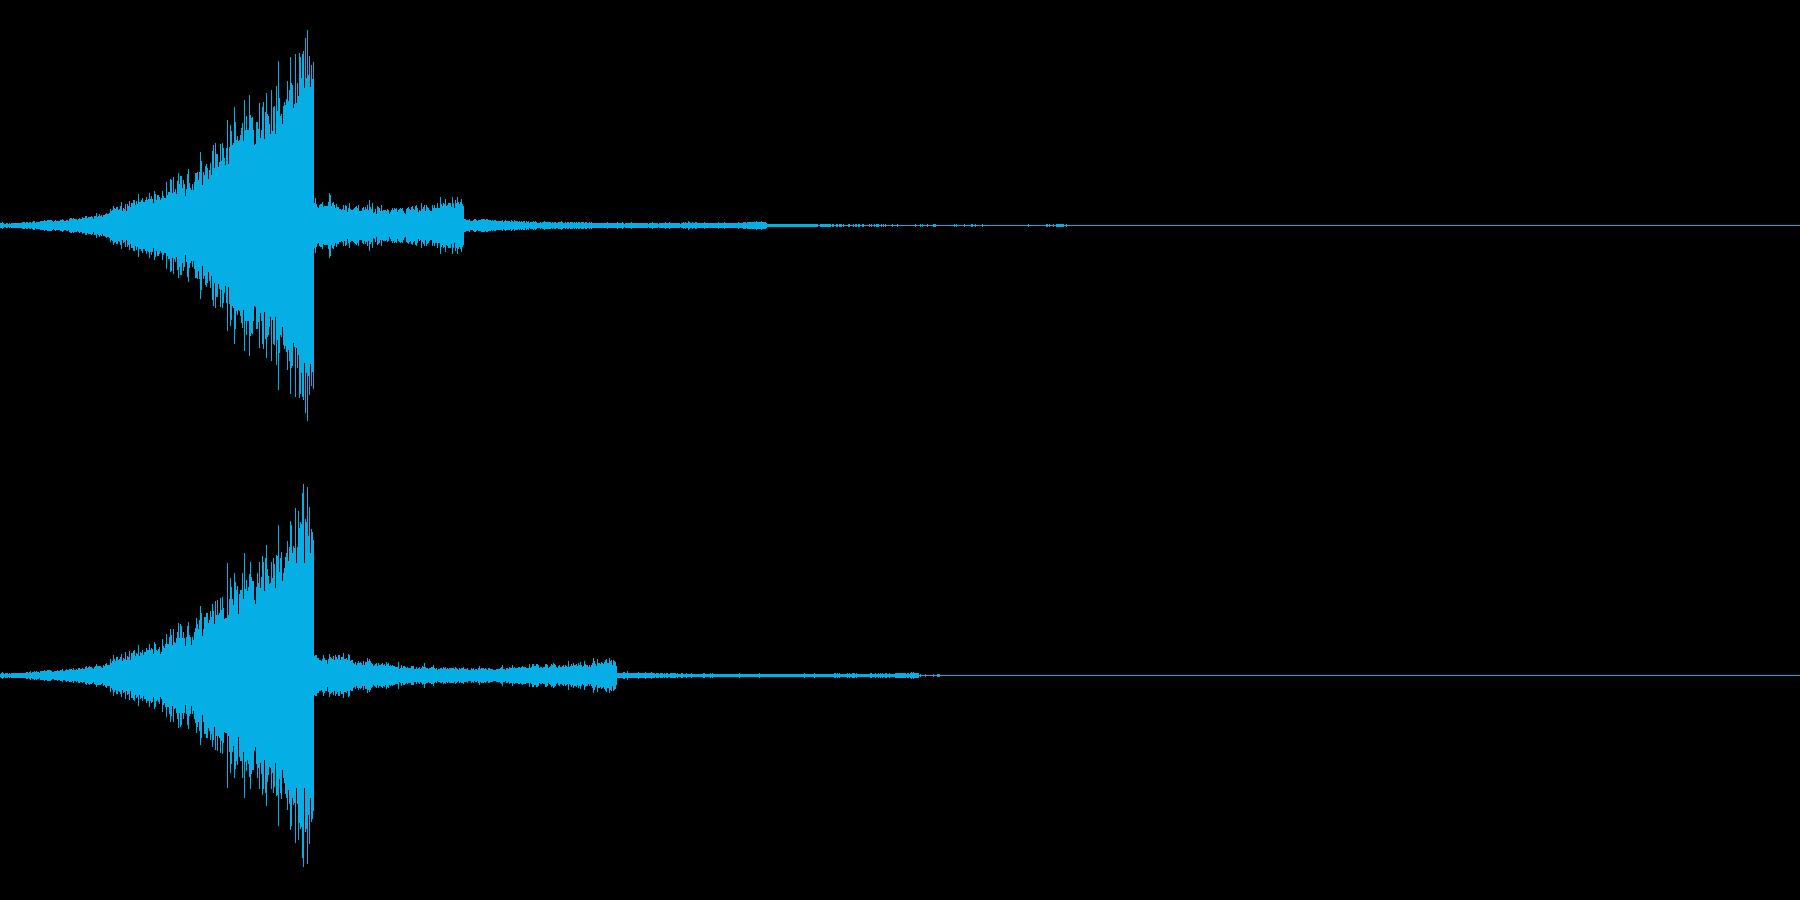 リバースシンバルの再生済みの波形